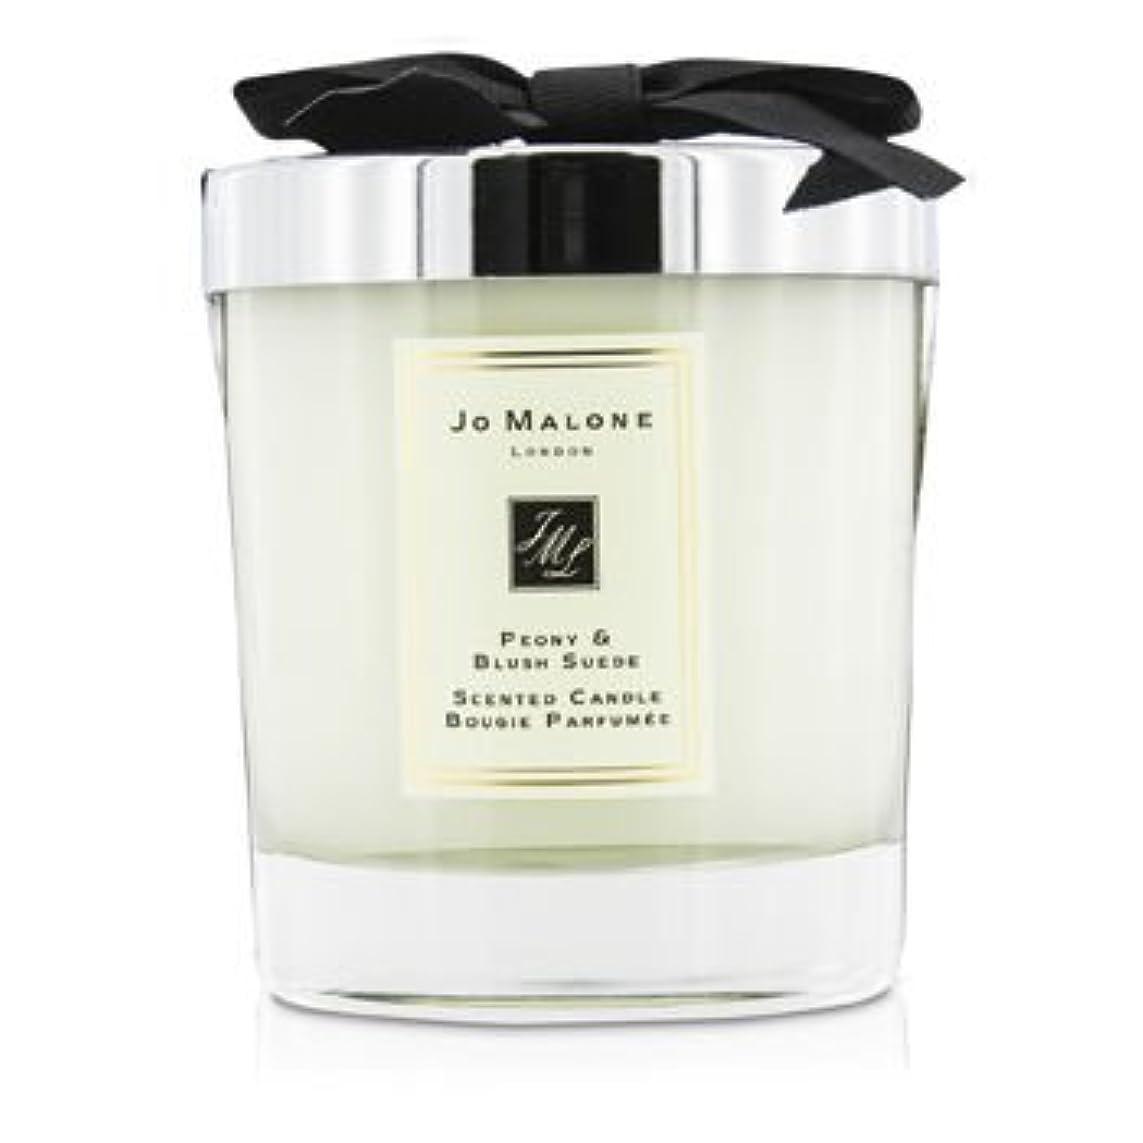 [Jo Malone(ジョーマローン)] ピオニー&ブラッシュスエード香りのキャンドル 200g (2.5 inch)